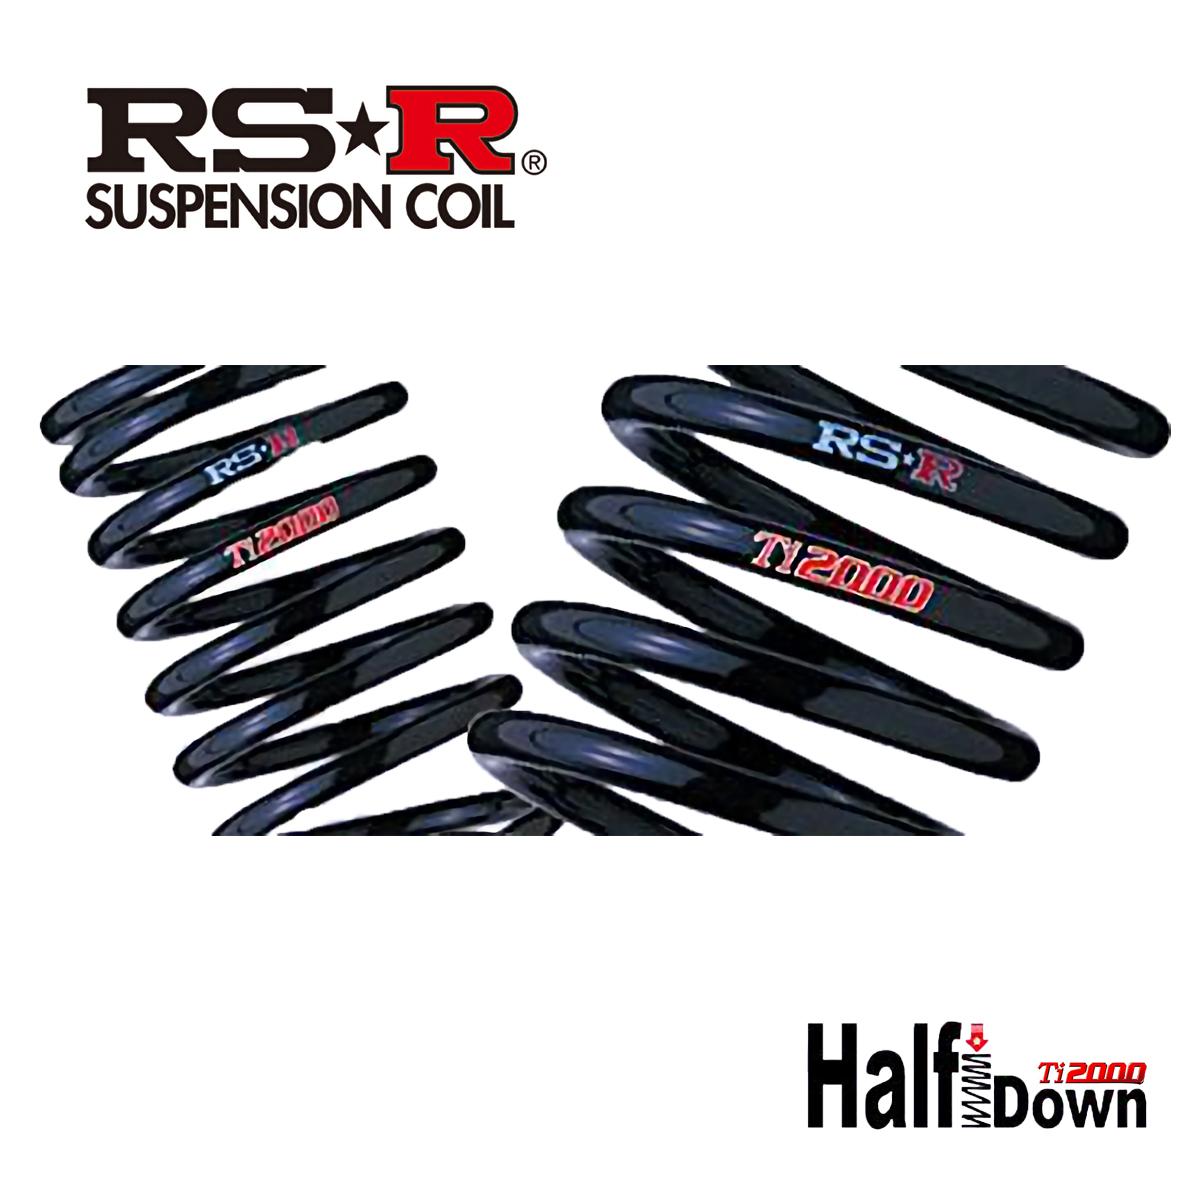 RS-R ステップワゴン G RP1 ダウンサス スプリング 1台分 H781TW Ti2000 ダウン RSR 個人宅発送追金有